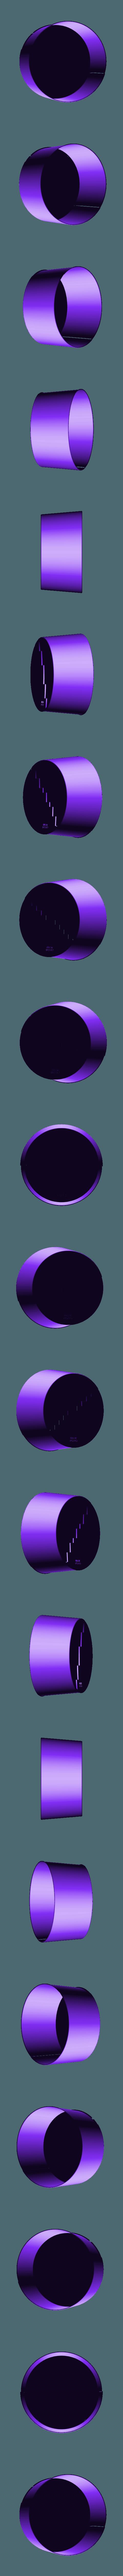 """LILLE bol .stl Download STL file Collection """"LILLE"""" 3dgregor • 3D print object, 3dgregor"""